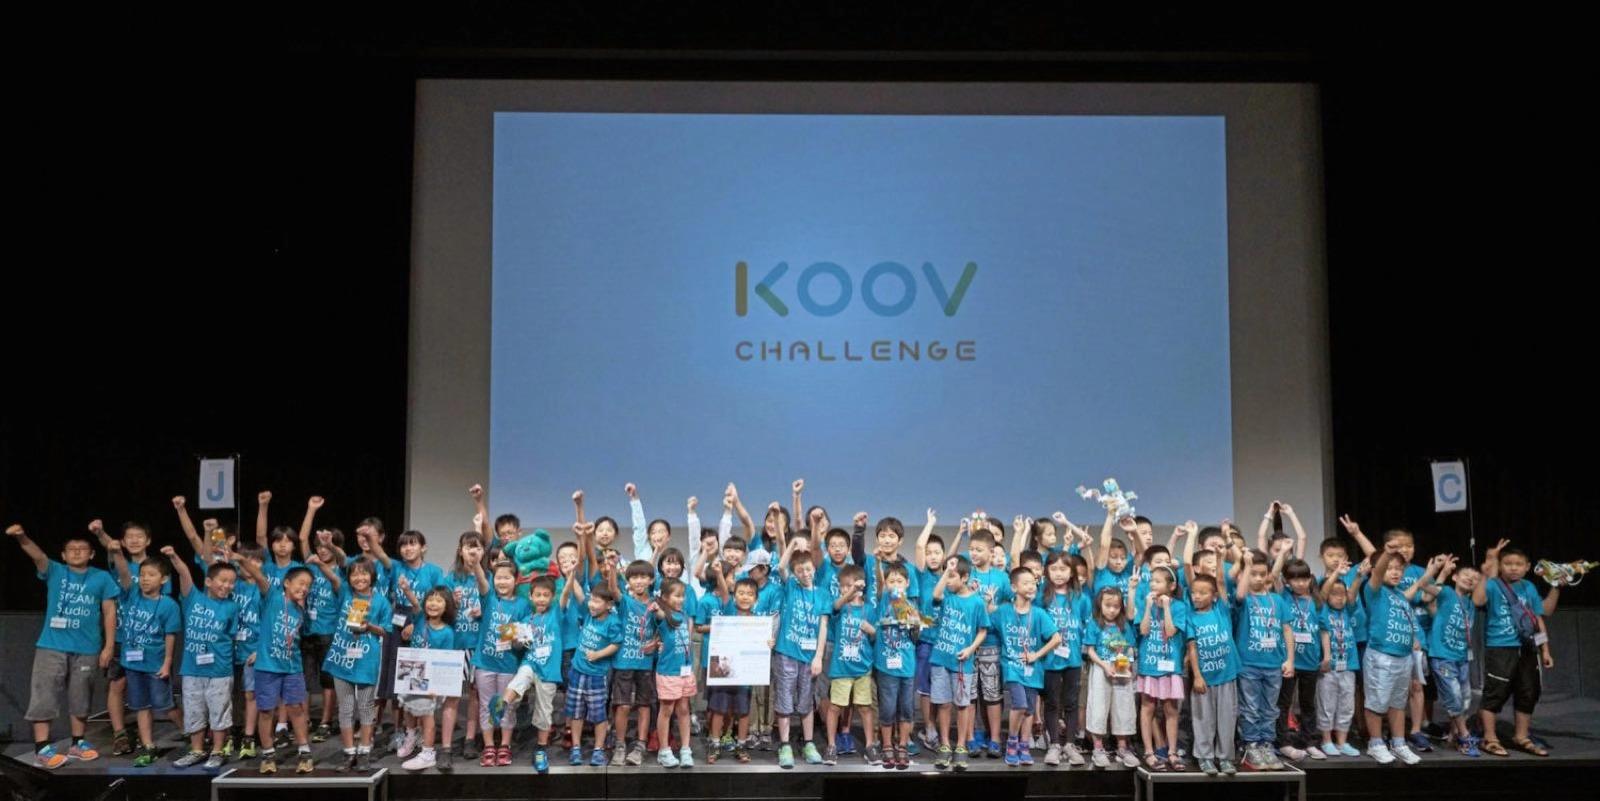 索尼KOOV教育機器人,專注青少年編程啟蒙